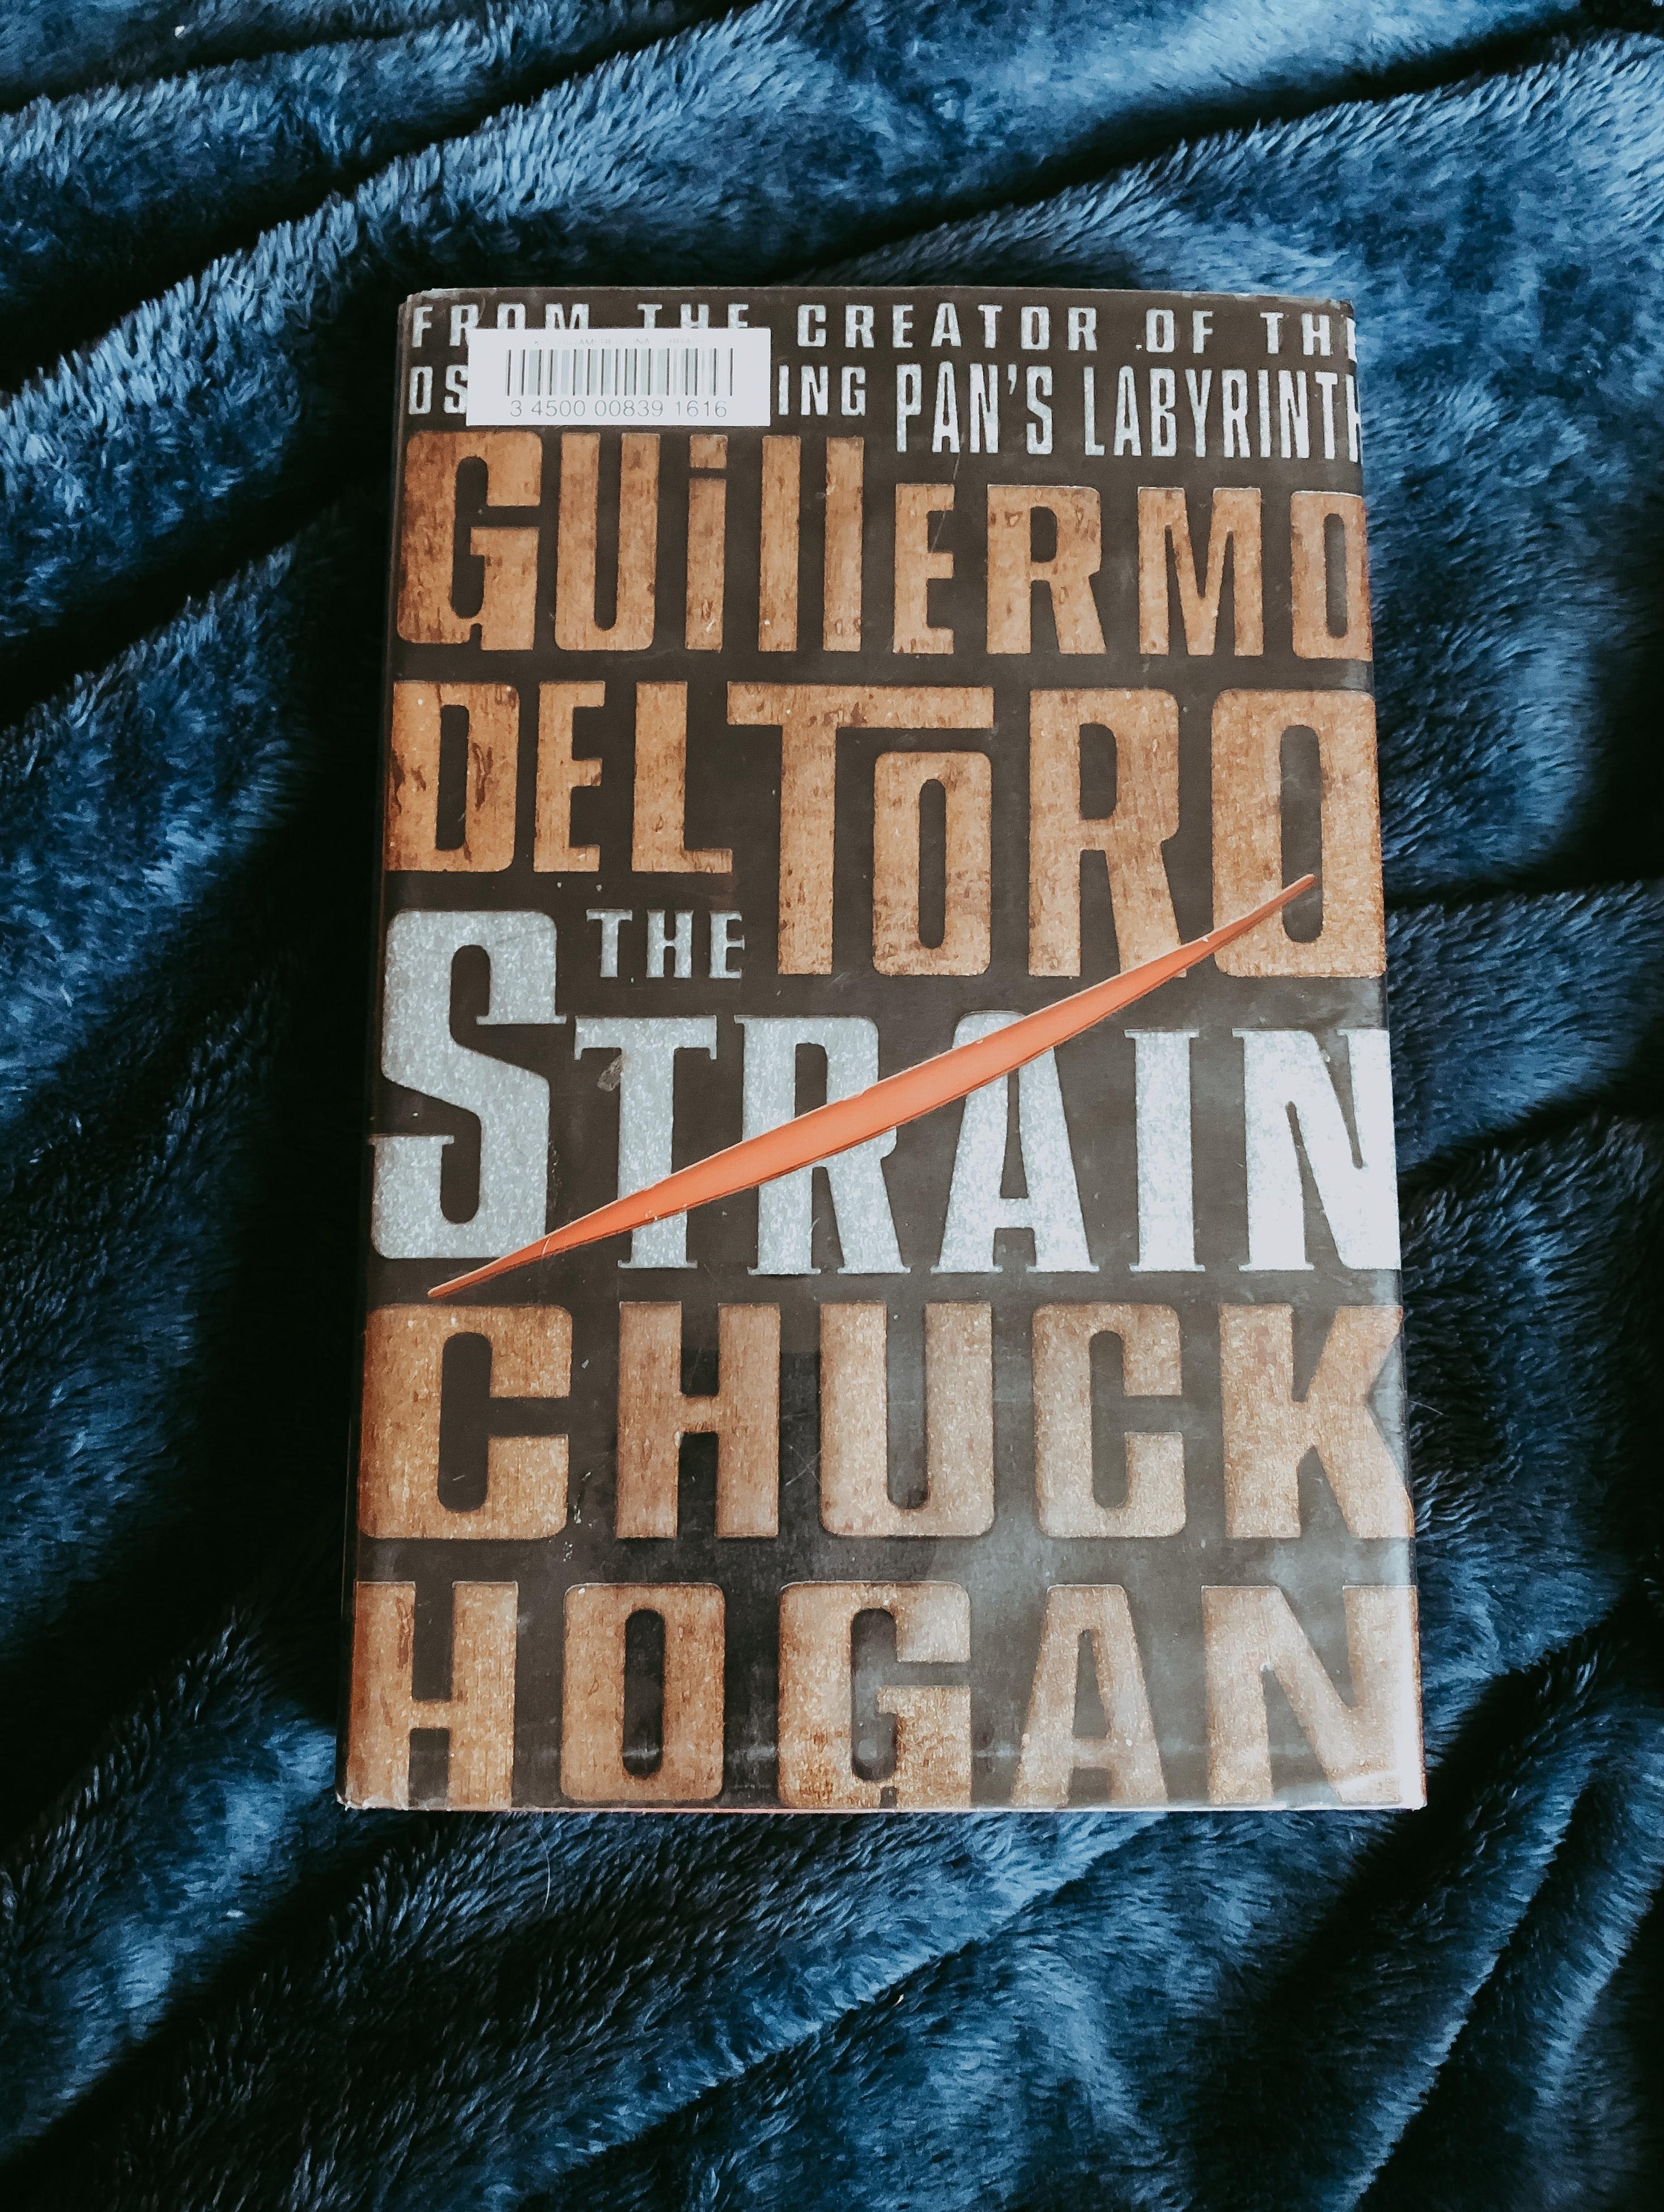 The Strain | Guillermo Del Toro